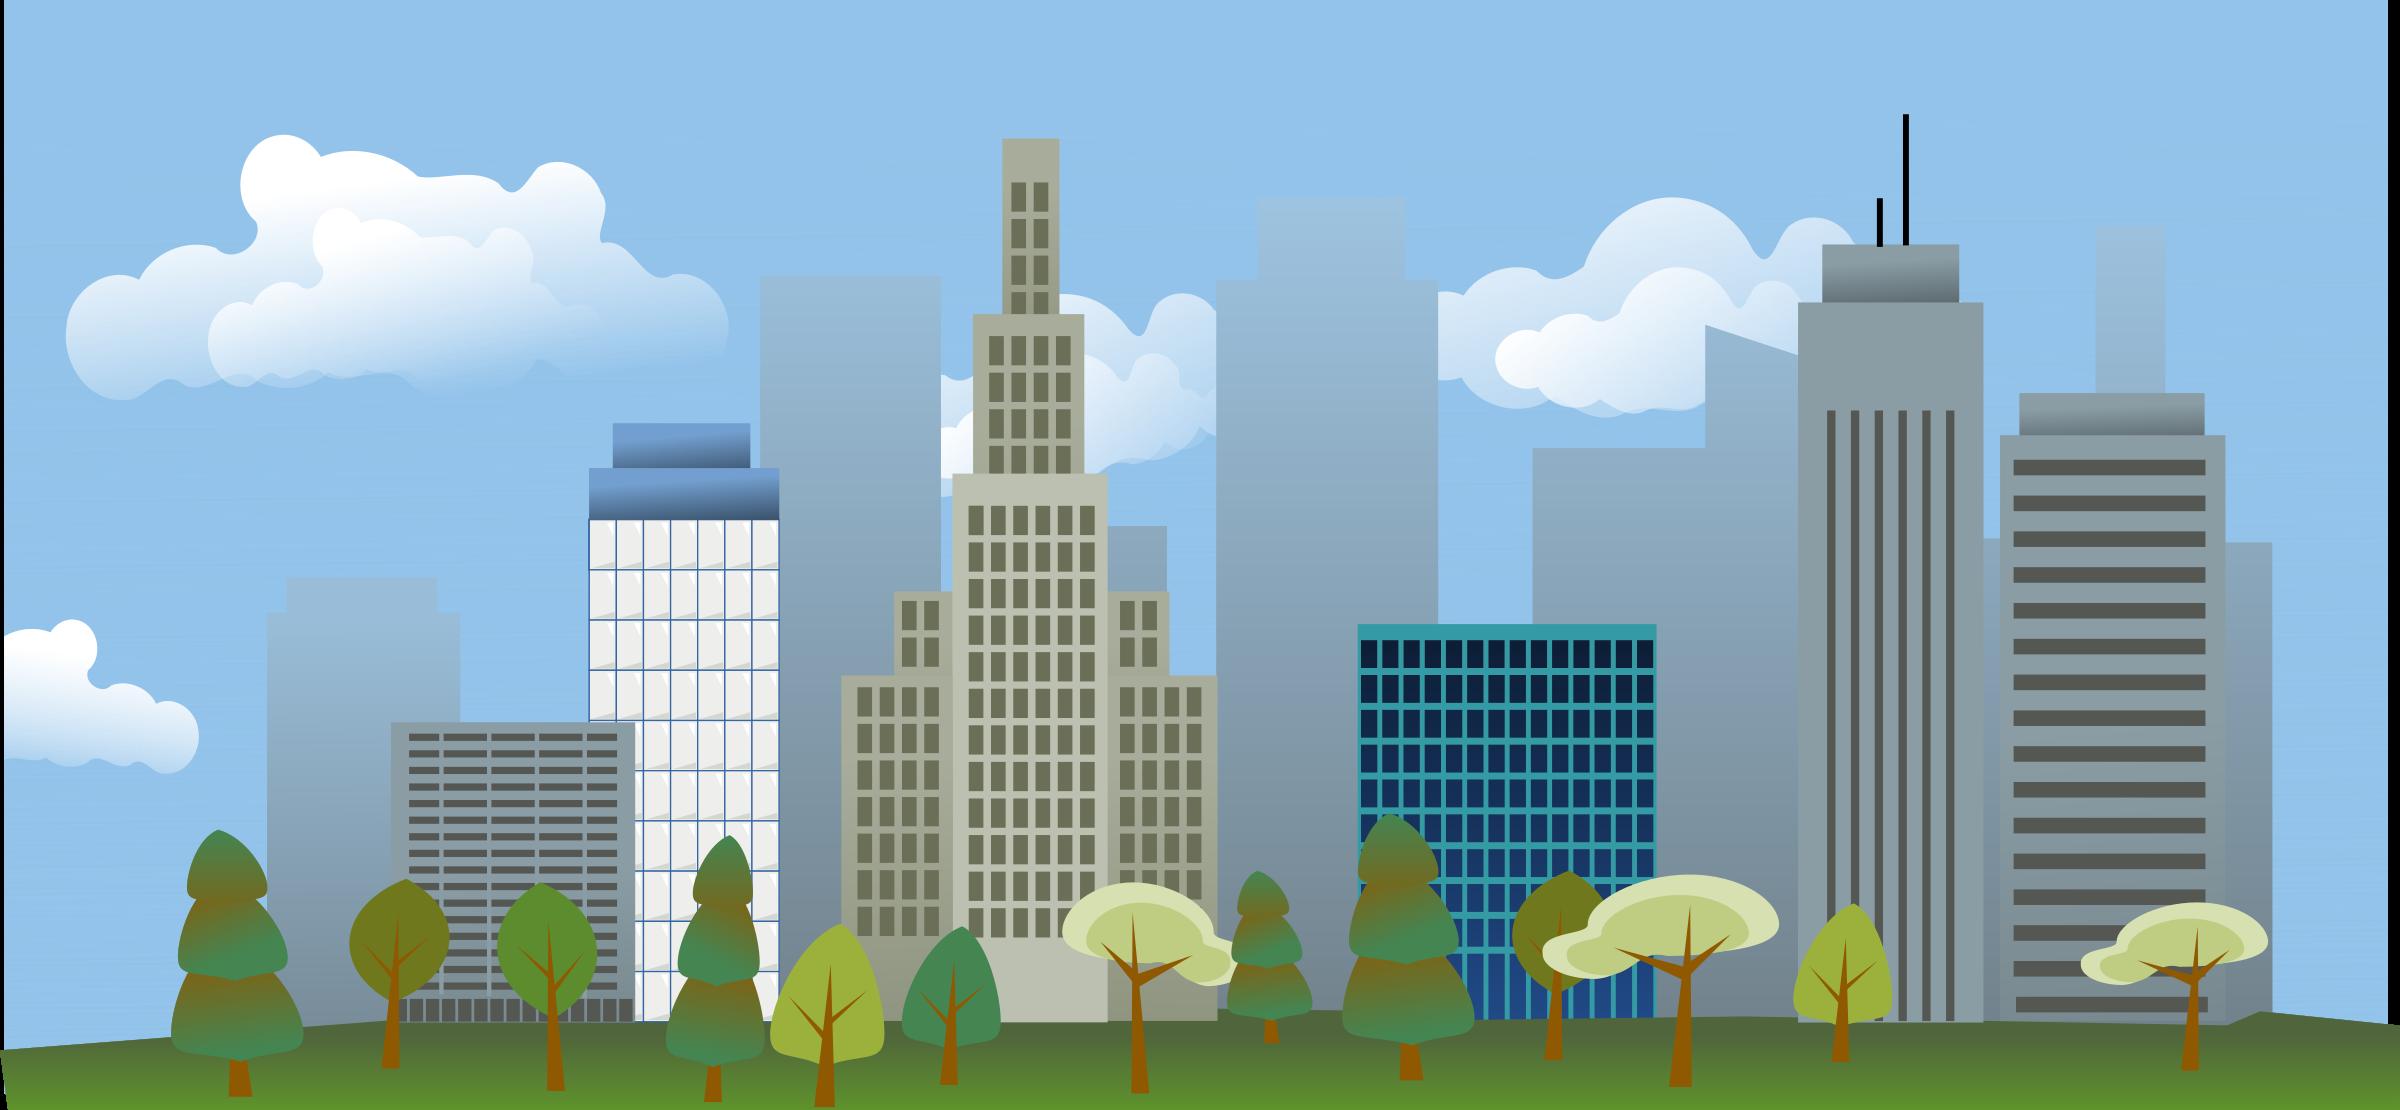 Clipart - city skyline